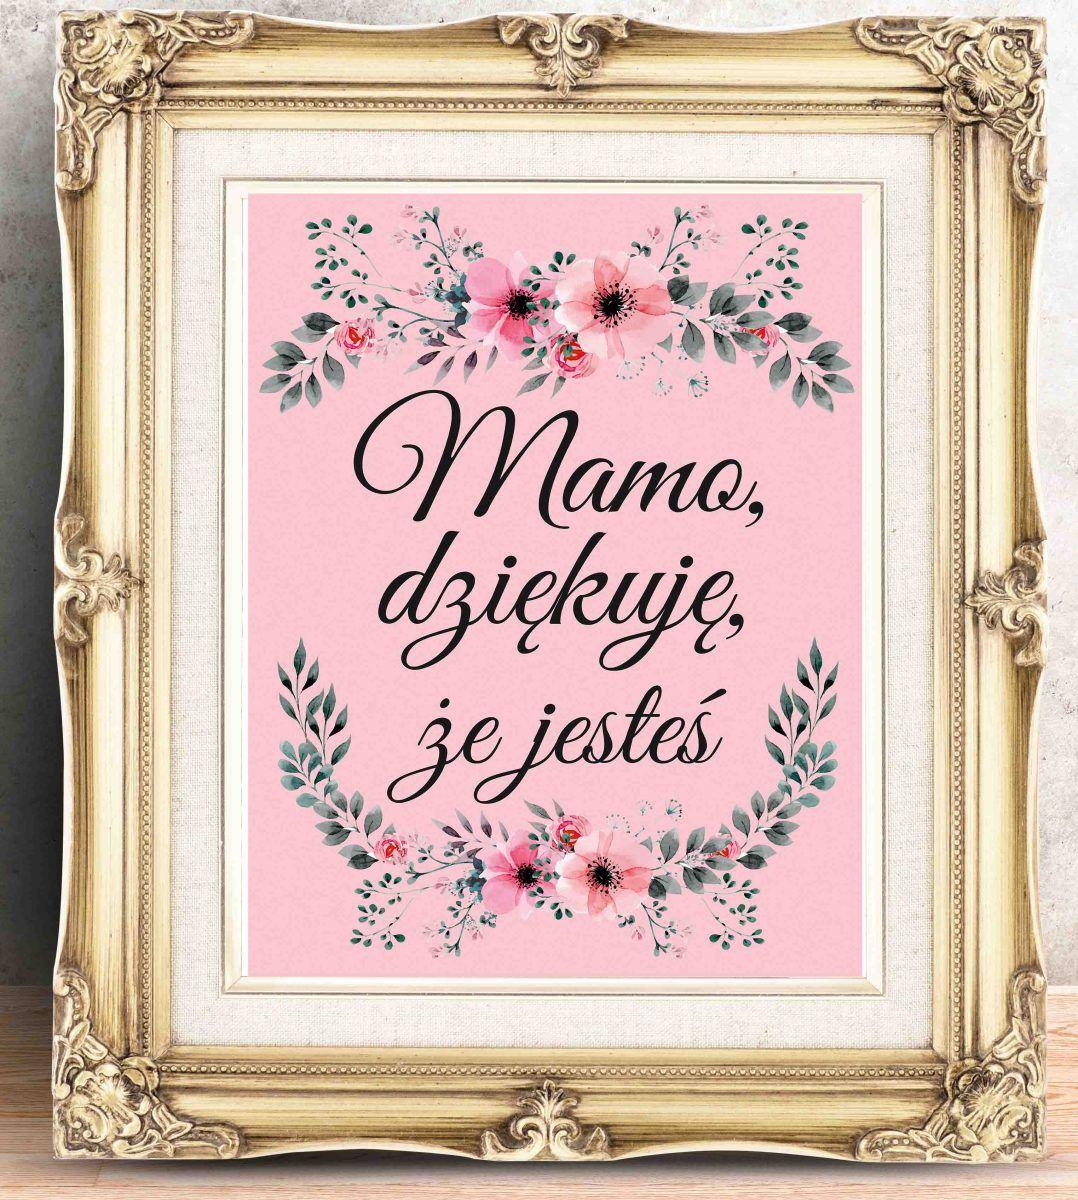 Swietny Plakat Na Dzien Matki Plakat Z Podziekowaniem Dla Mamy